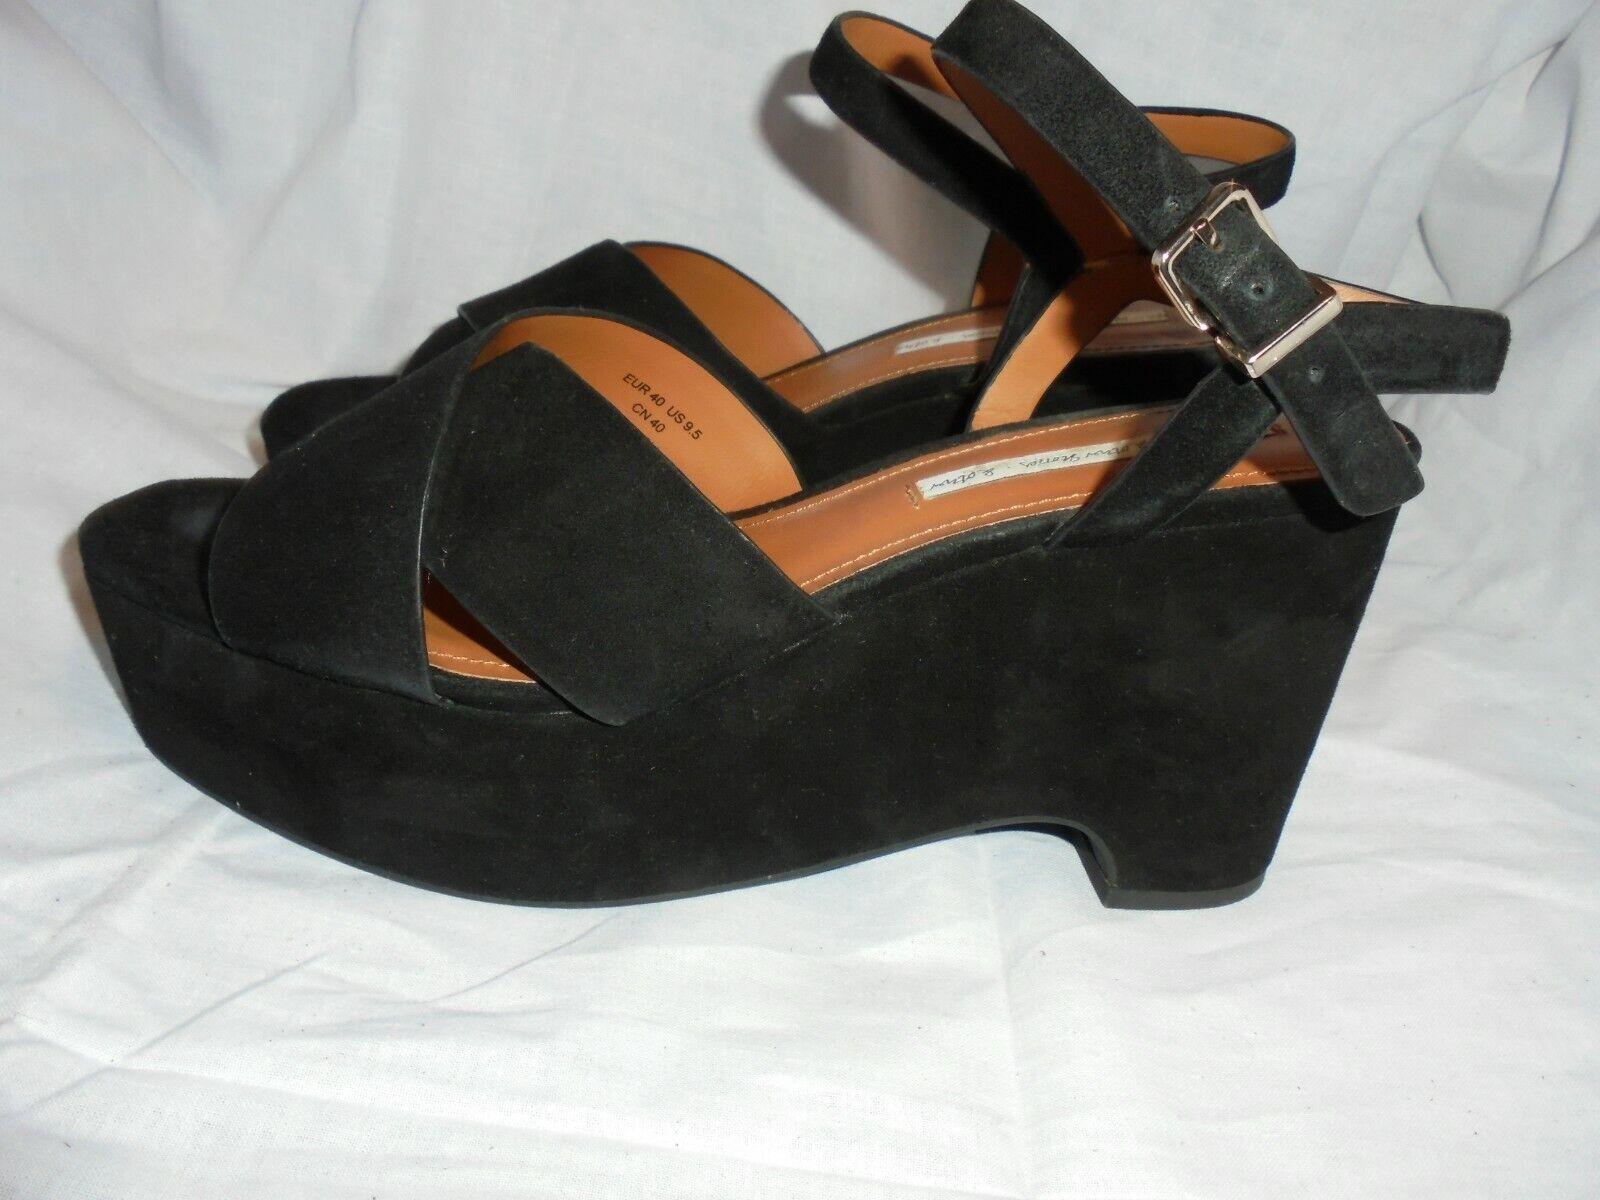 & Other Stories Femmes Noir Daim Boucle Sandale Taille UK 7 EU 40 US 9.5 très bon état